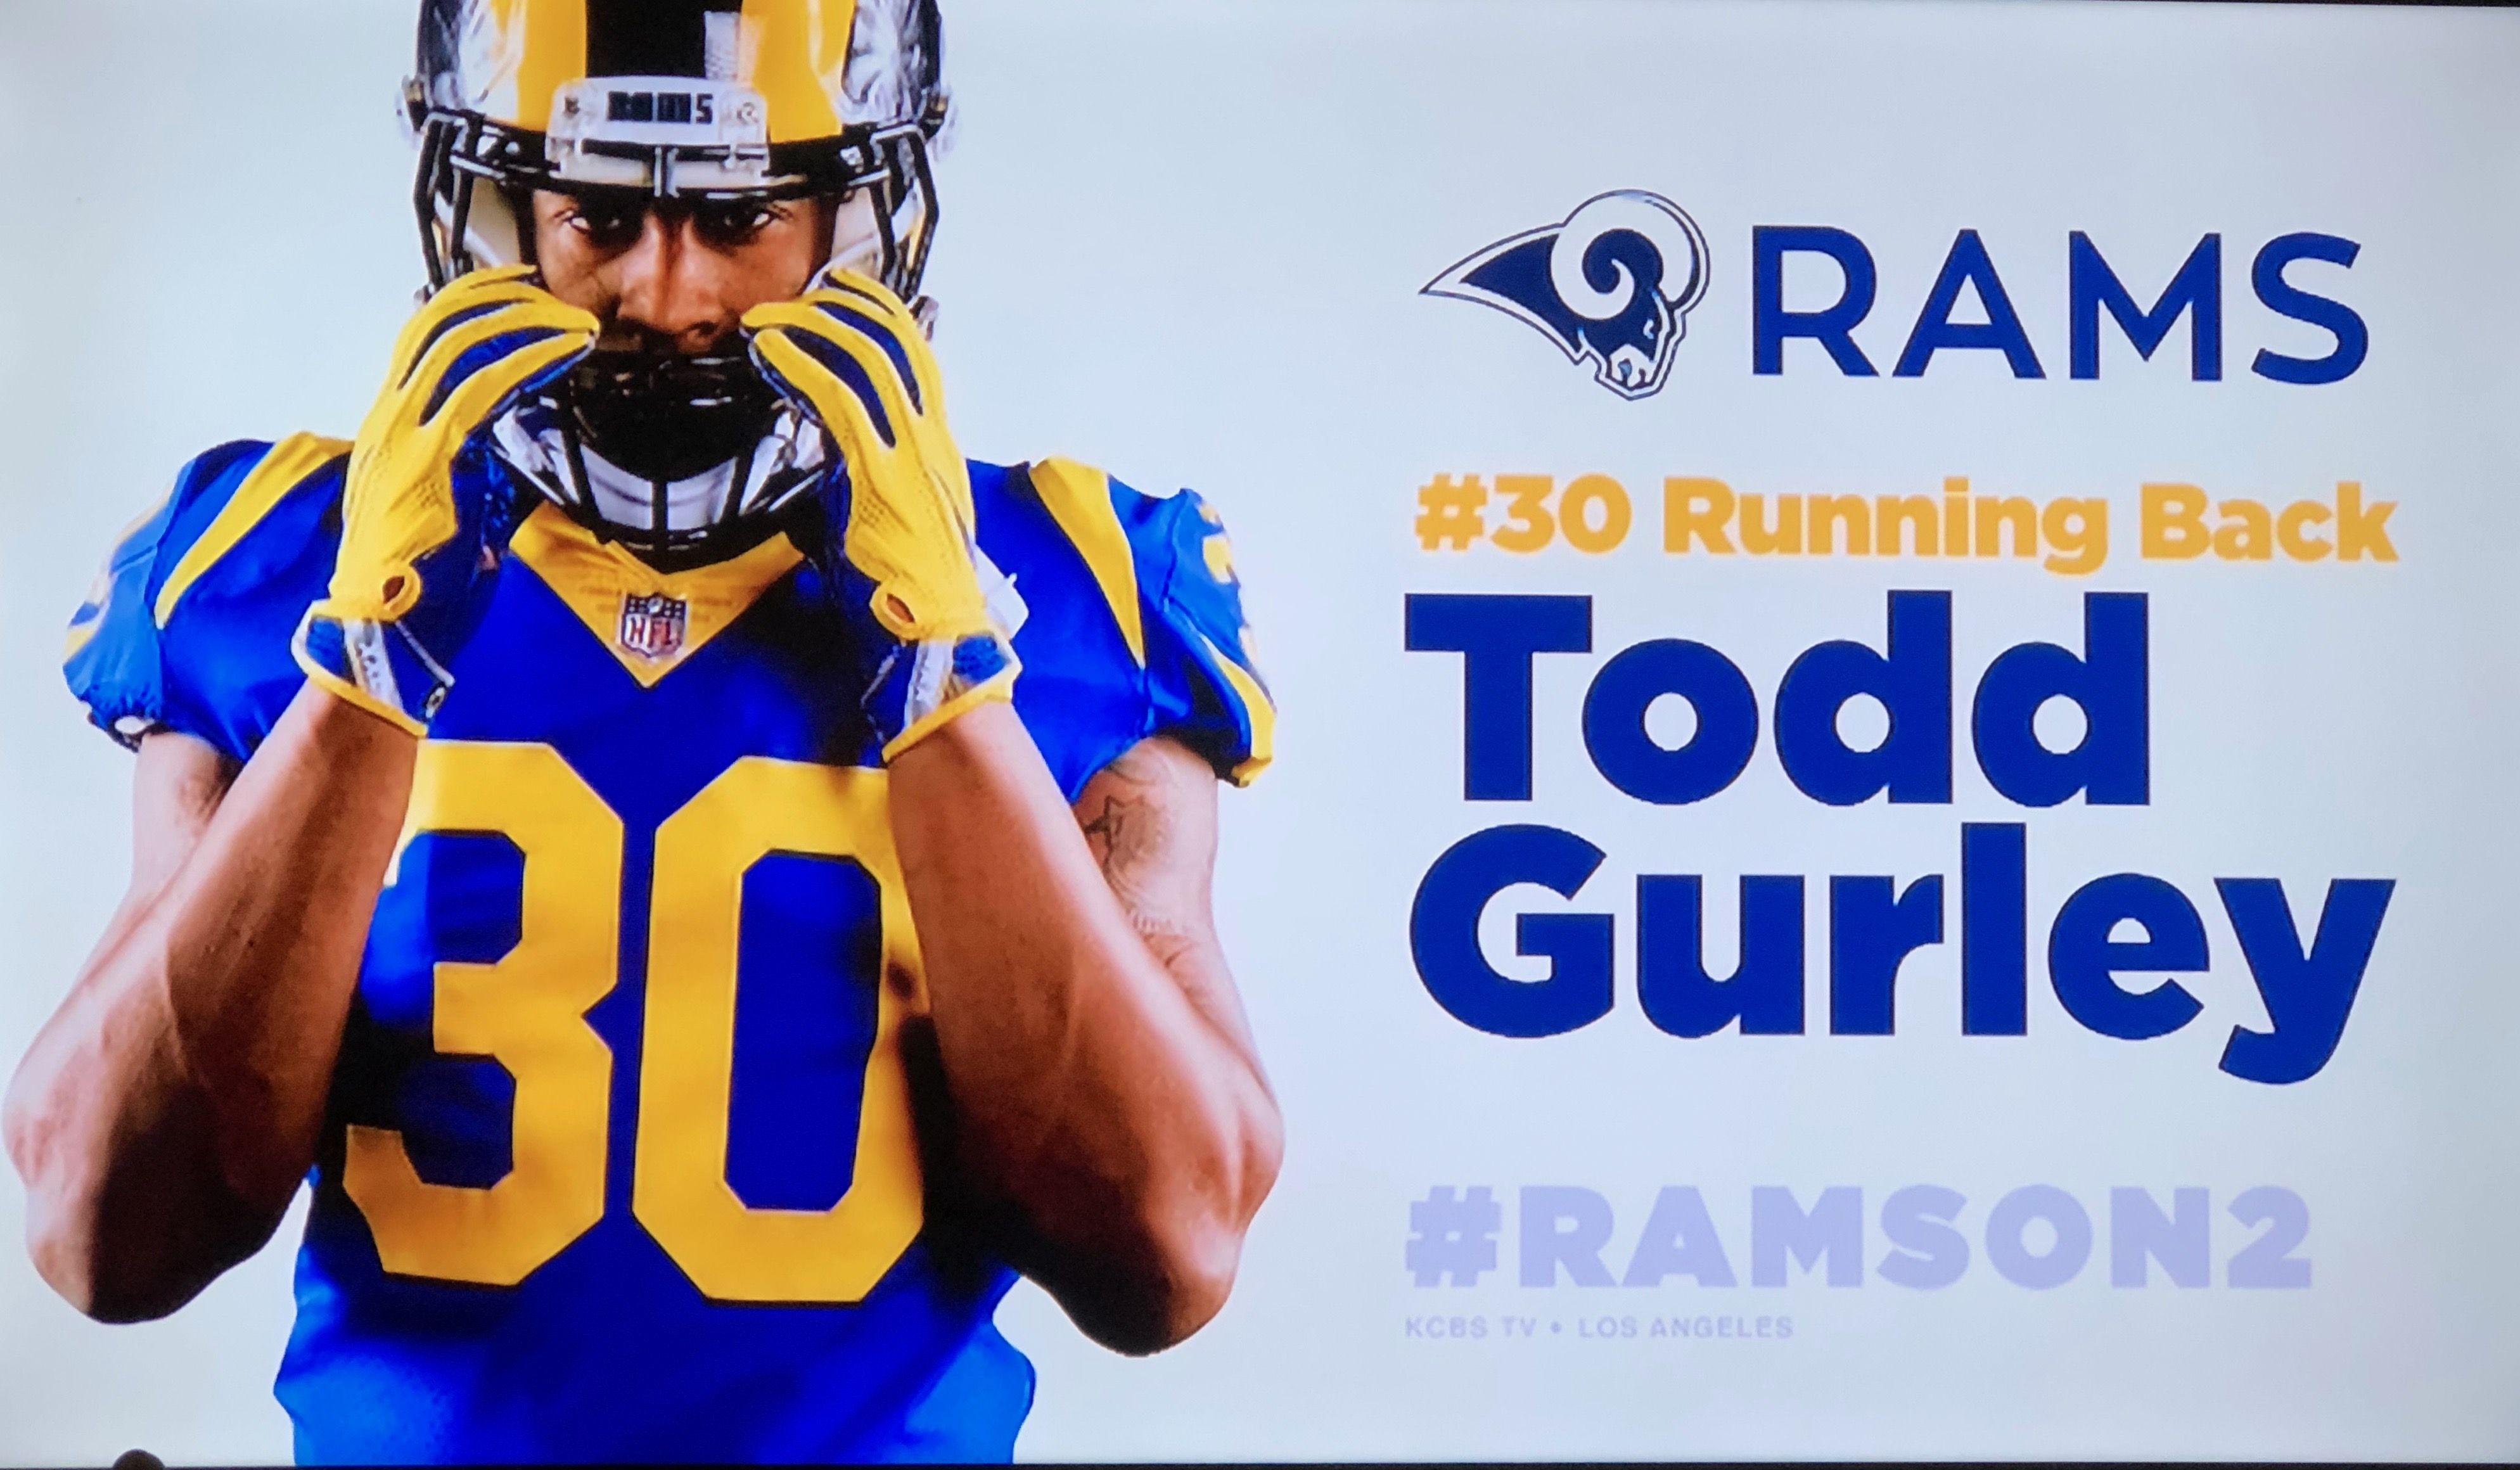 Todd Gurley Los Angeles Rams Todd Gurley La Rams